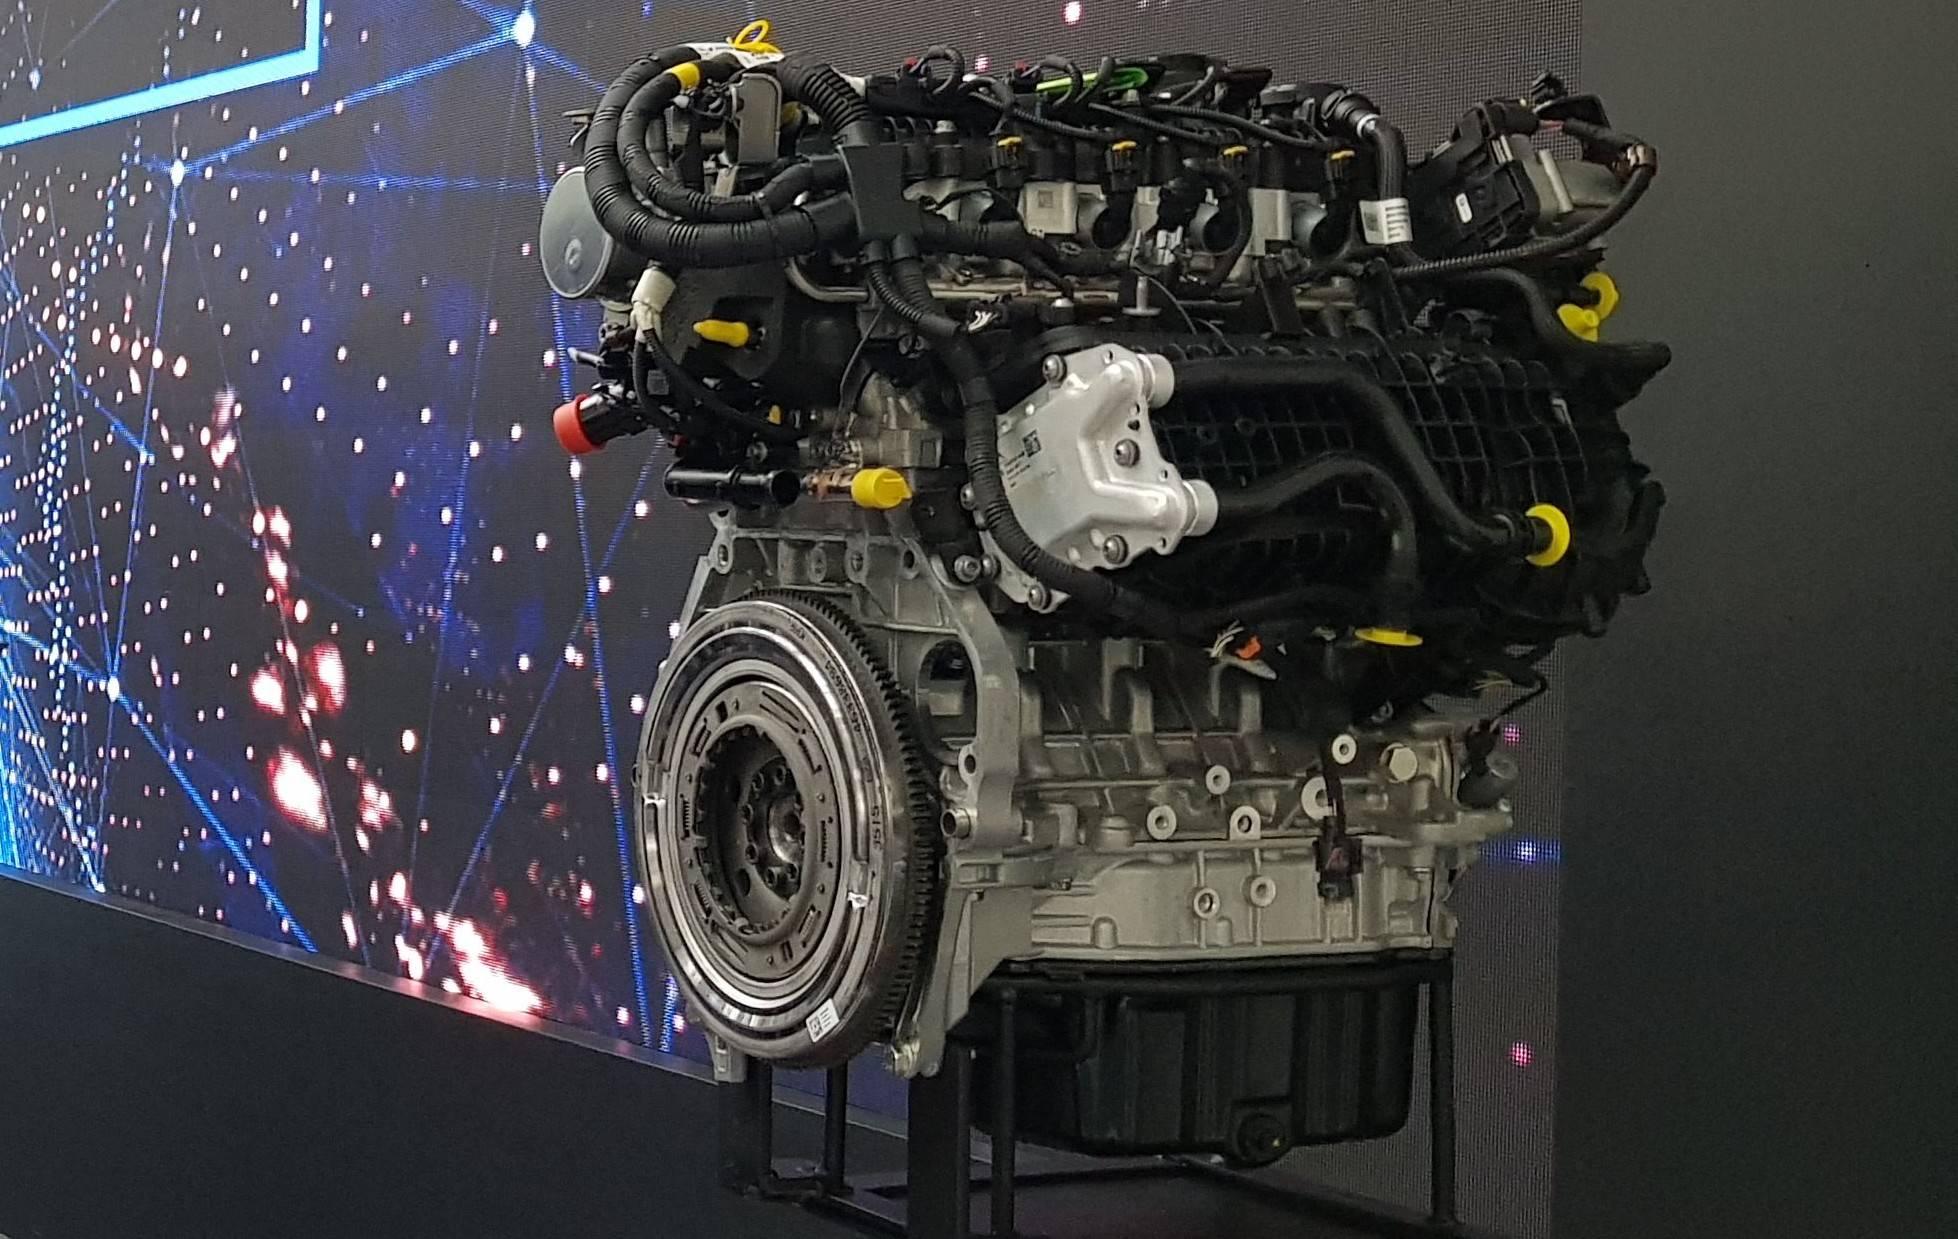 Motor turbo da família FireFly, que a Fiat começará a produzir a partir de 2020. Foto: Renyere Trovão/ Gazeta do Povo